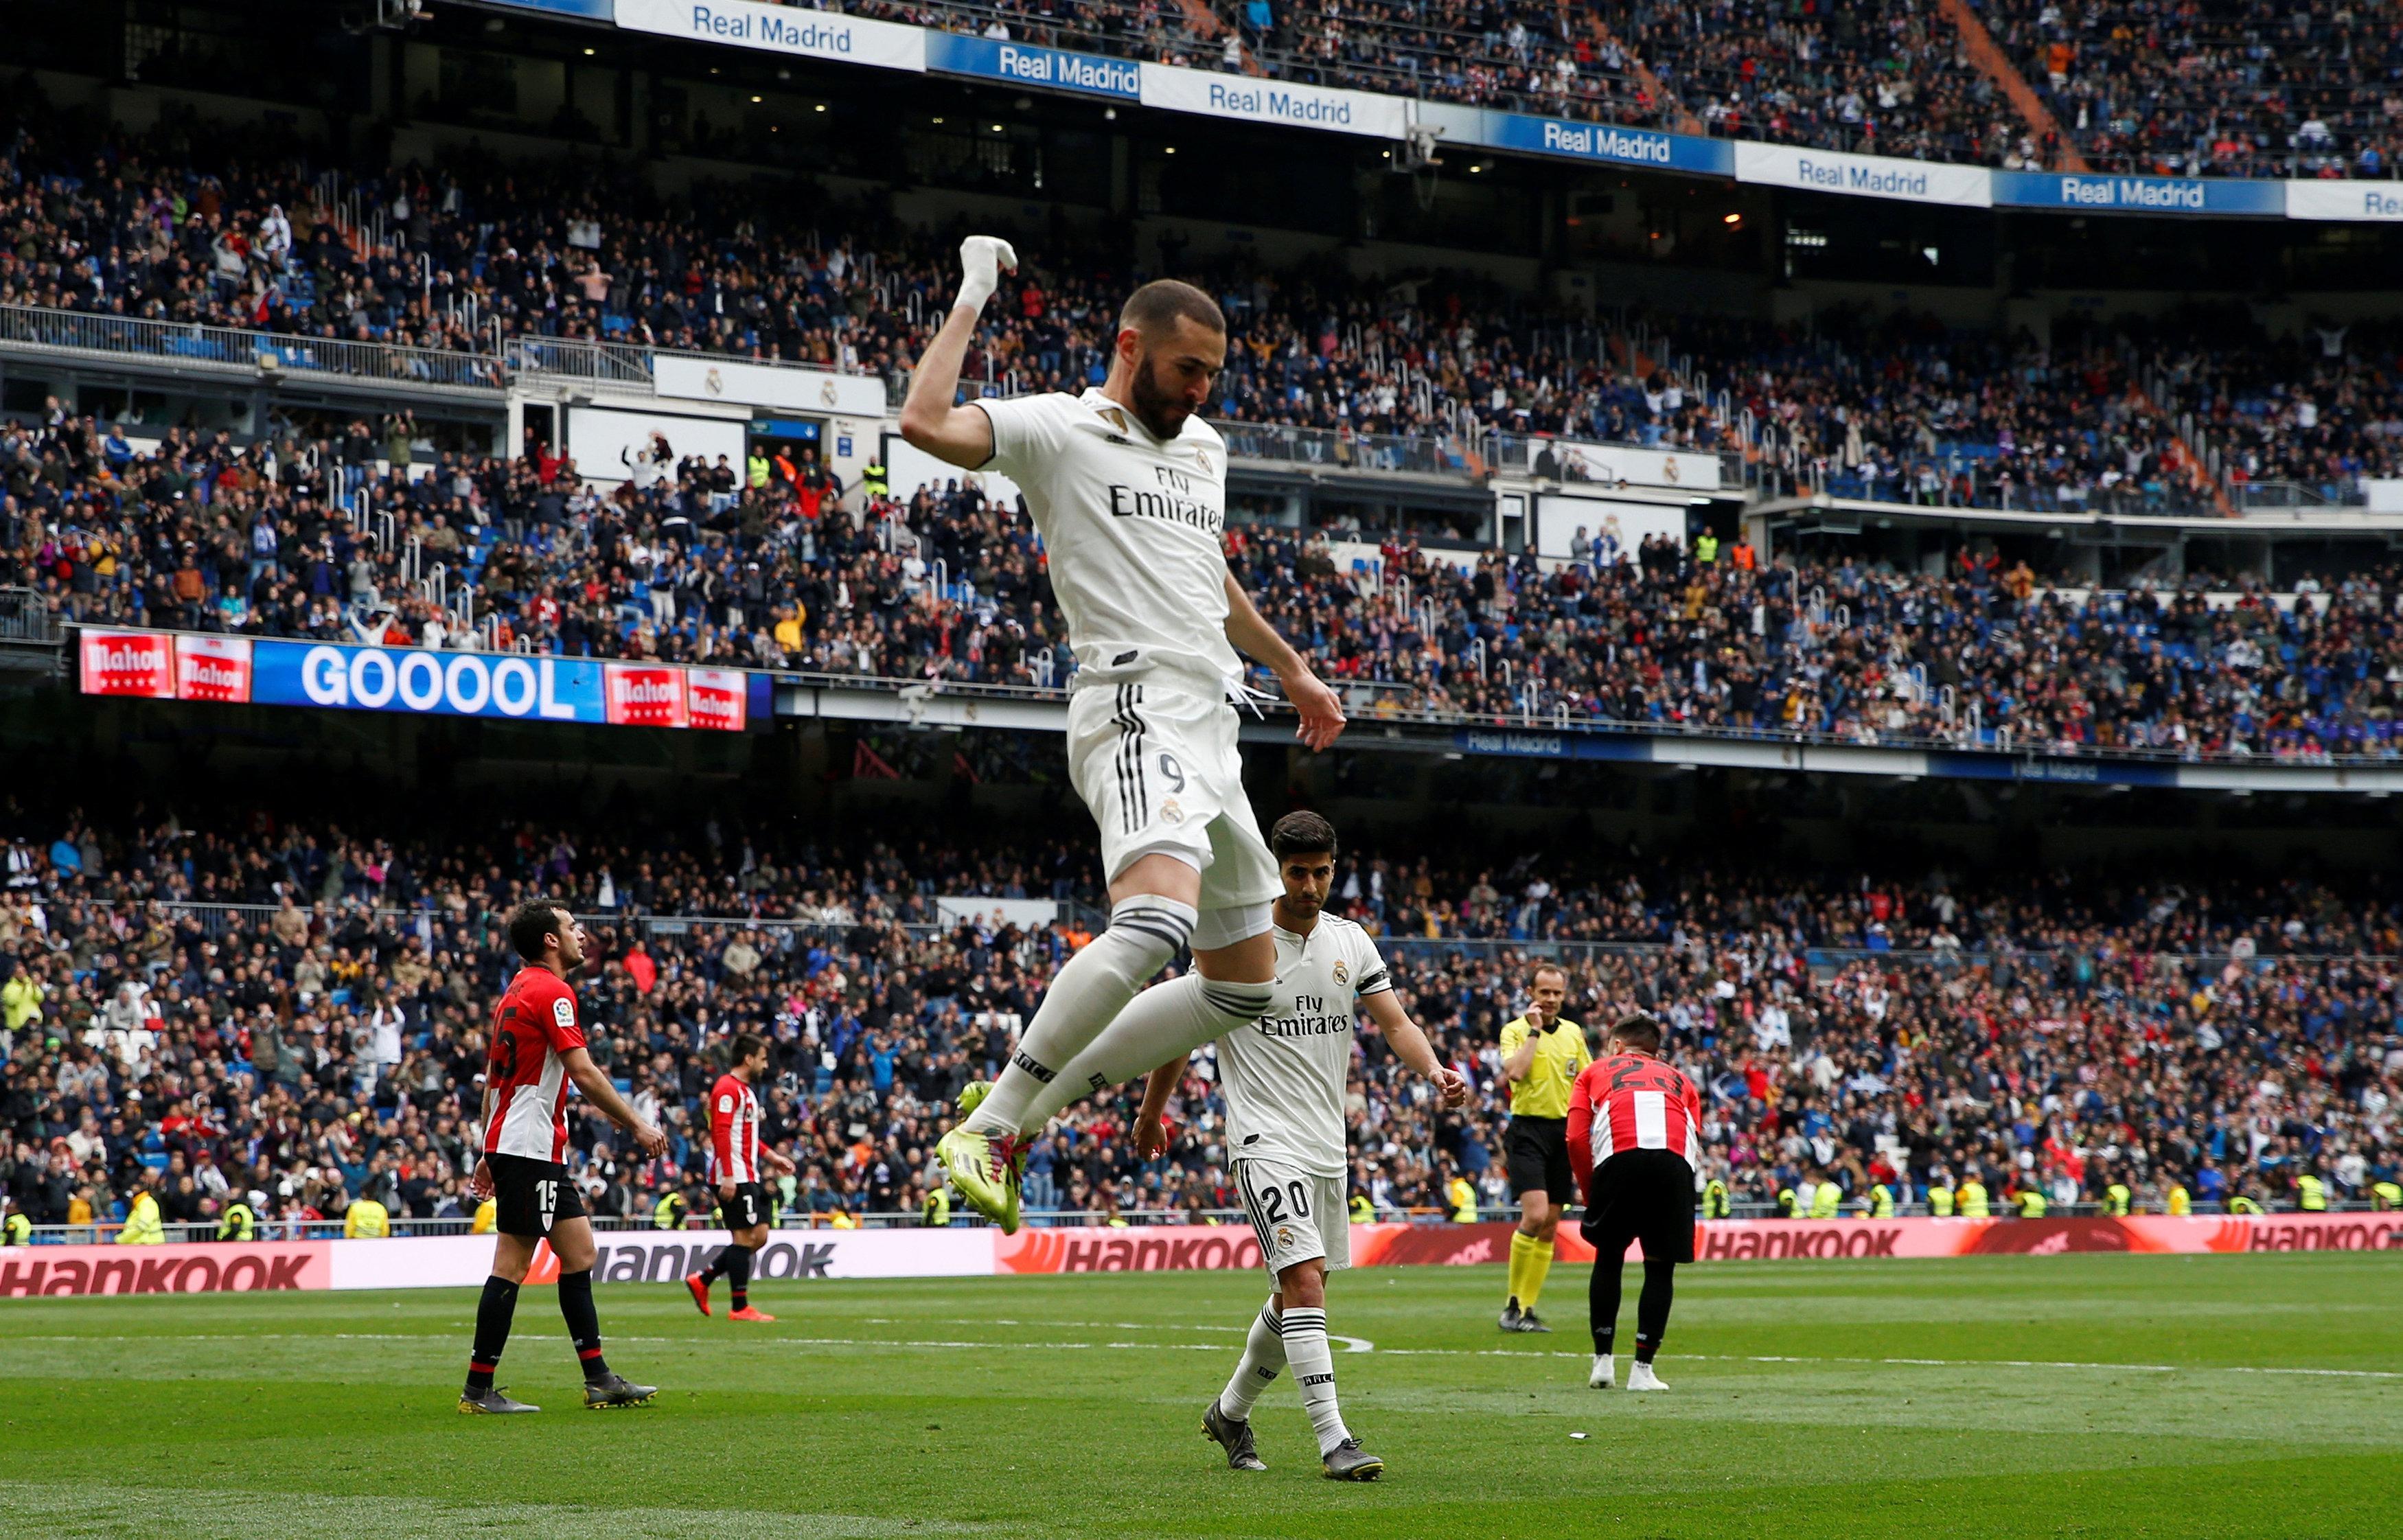 جدول مباريات الدوري الإسباني اليوم.. ريال مدريد نحو تحسين الصورة